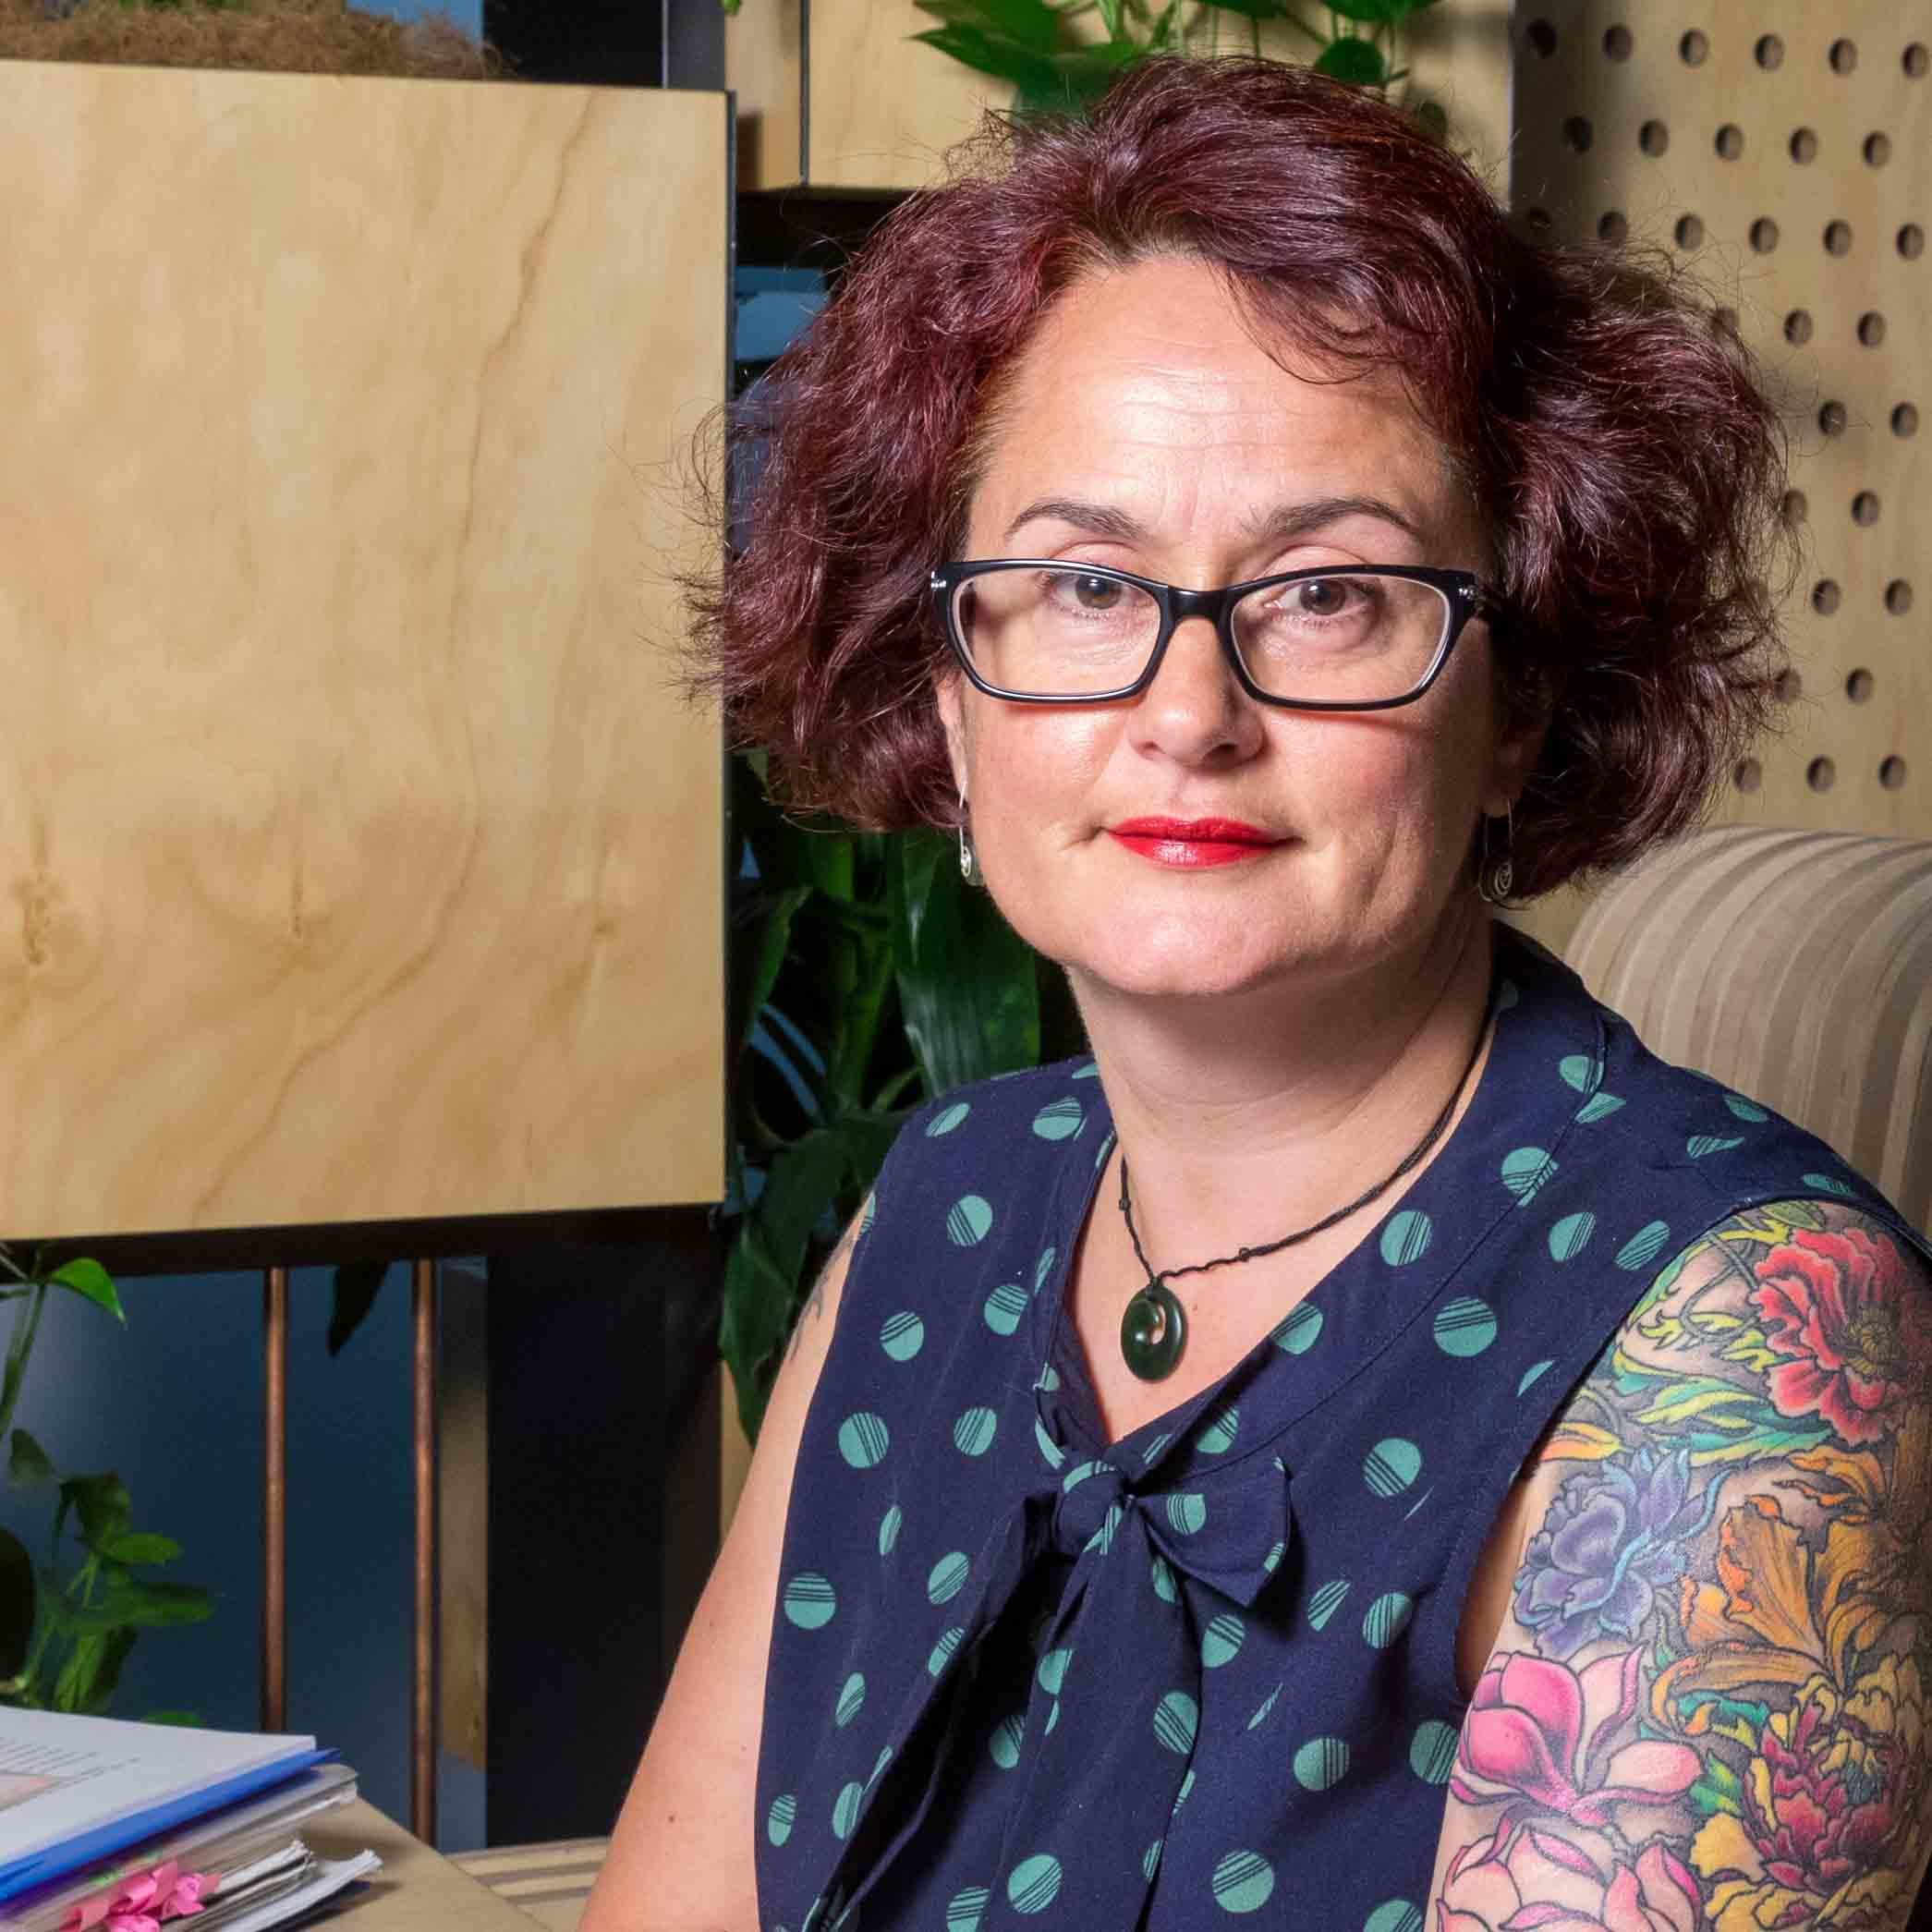 Dr Naomi Parry